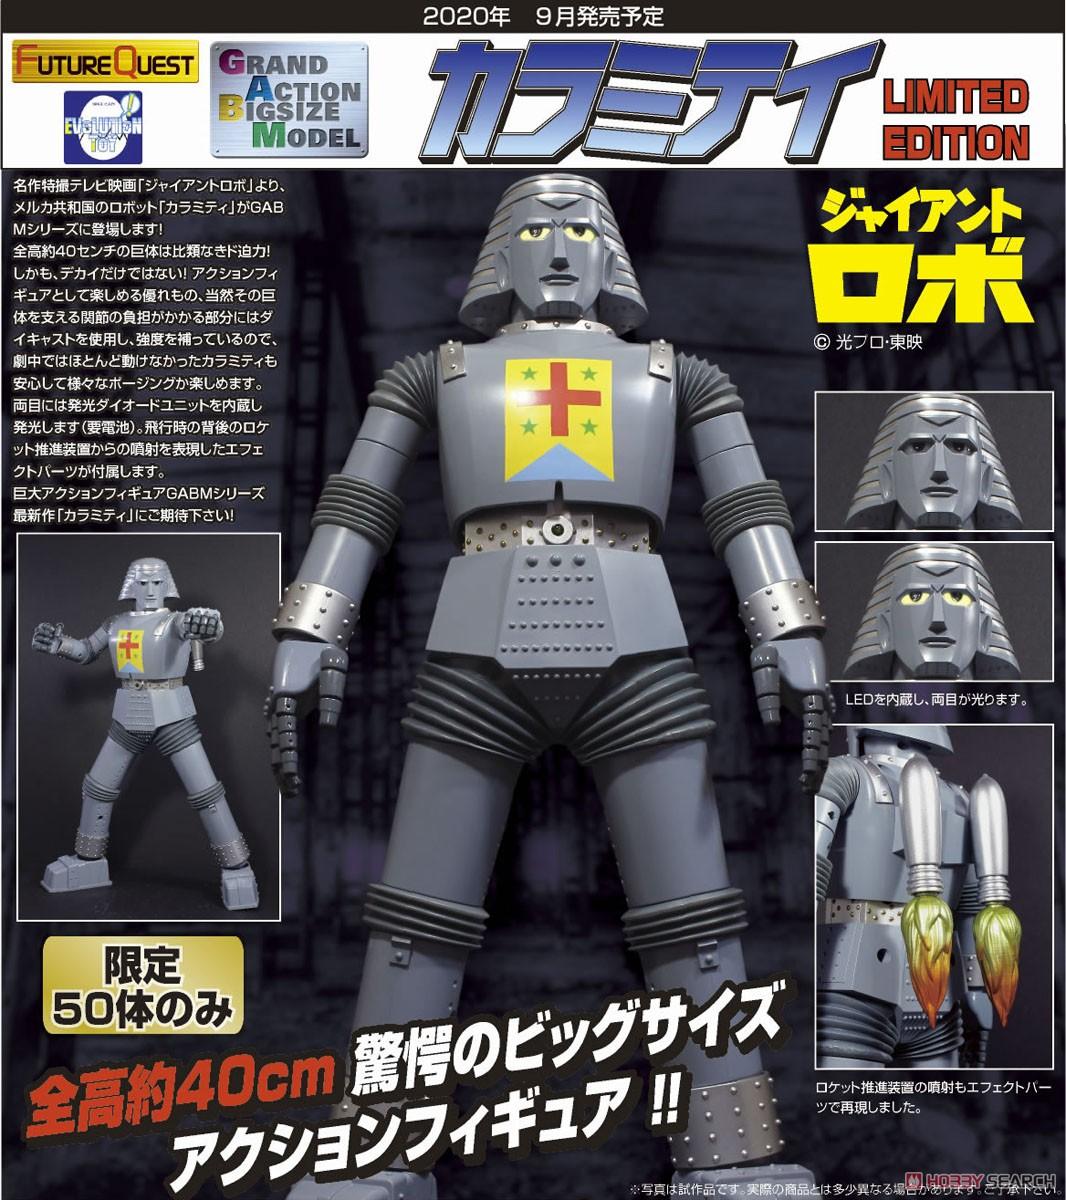 【限定販売】GRAND ACTION BIGSIZE MODEL『カラミティ』ジャイアントロボ 可動フィギュア-006